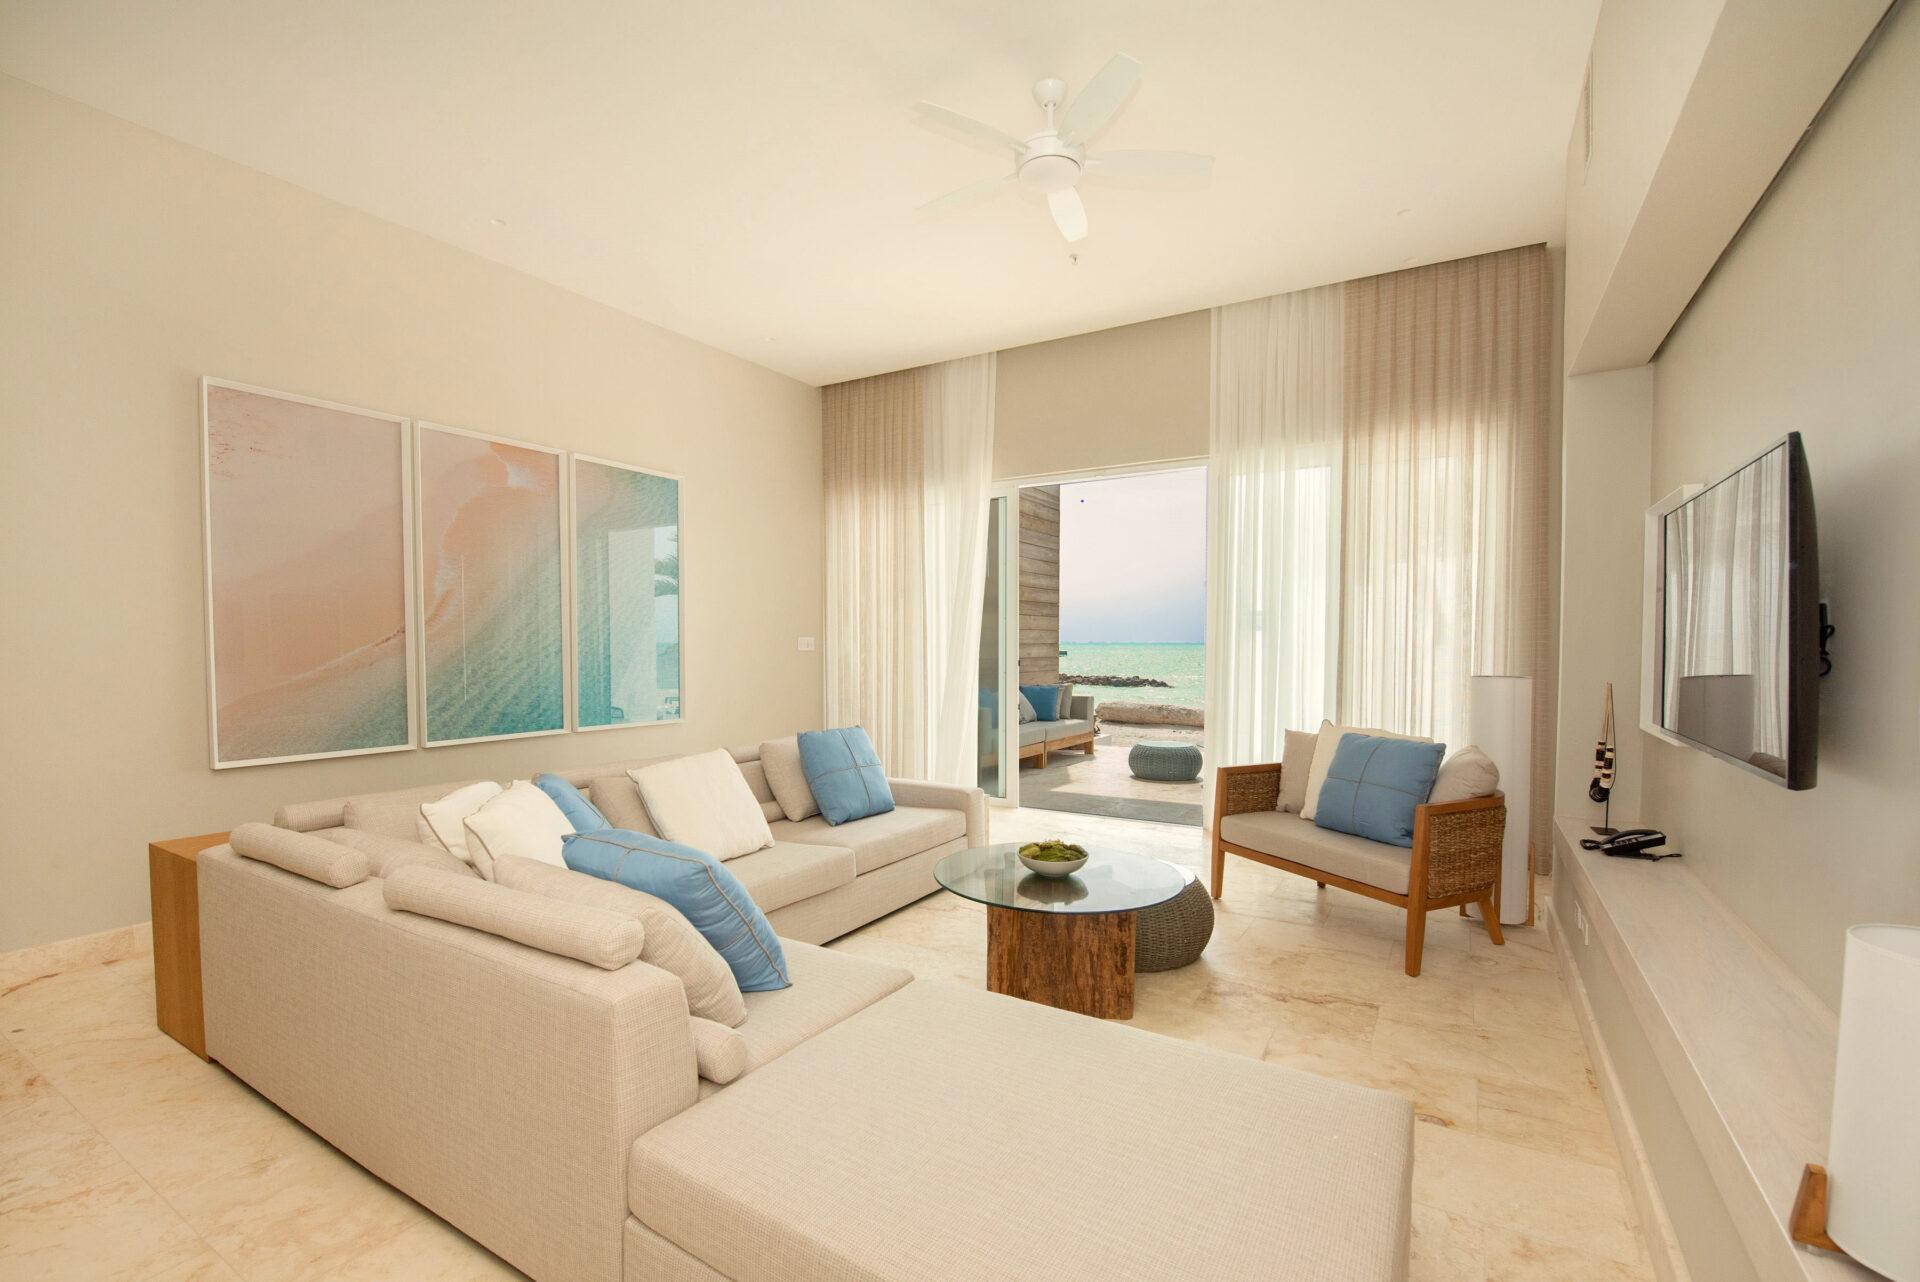 alaia-belize-marriott-autograph-collection-villa-living-room-bluer1